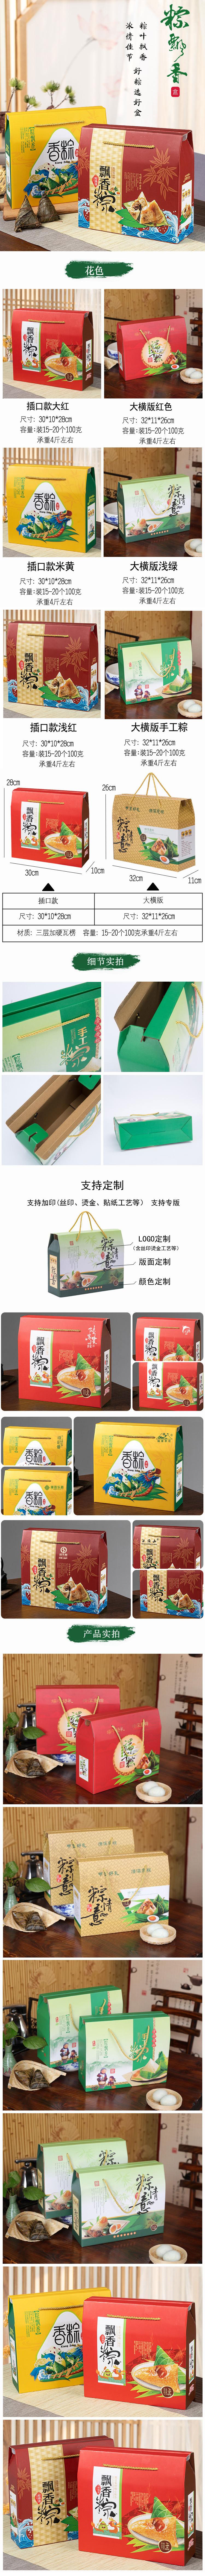 粽子礼盒_01